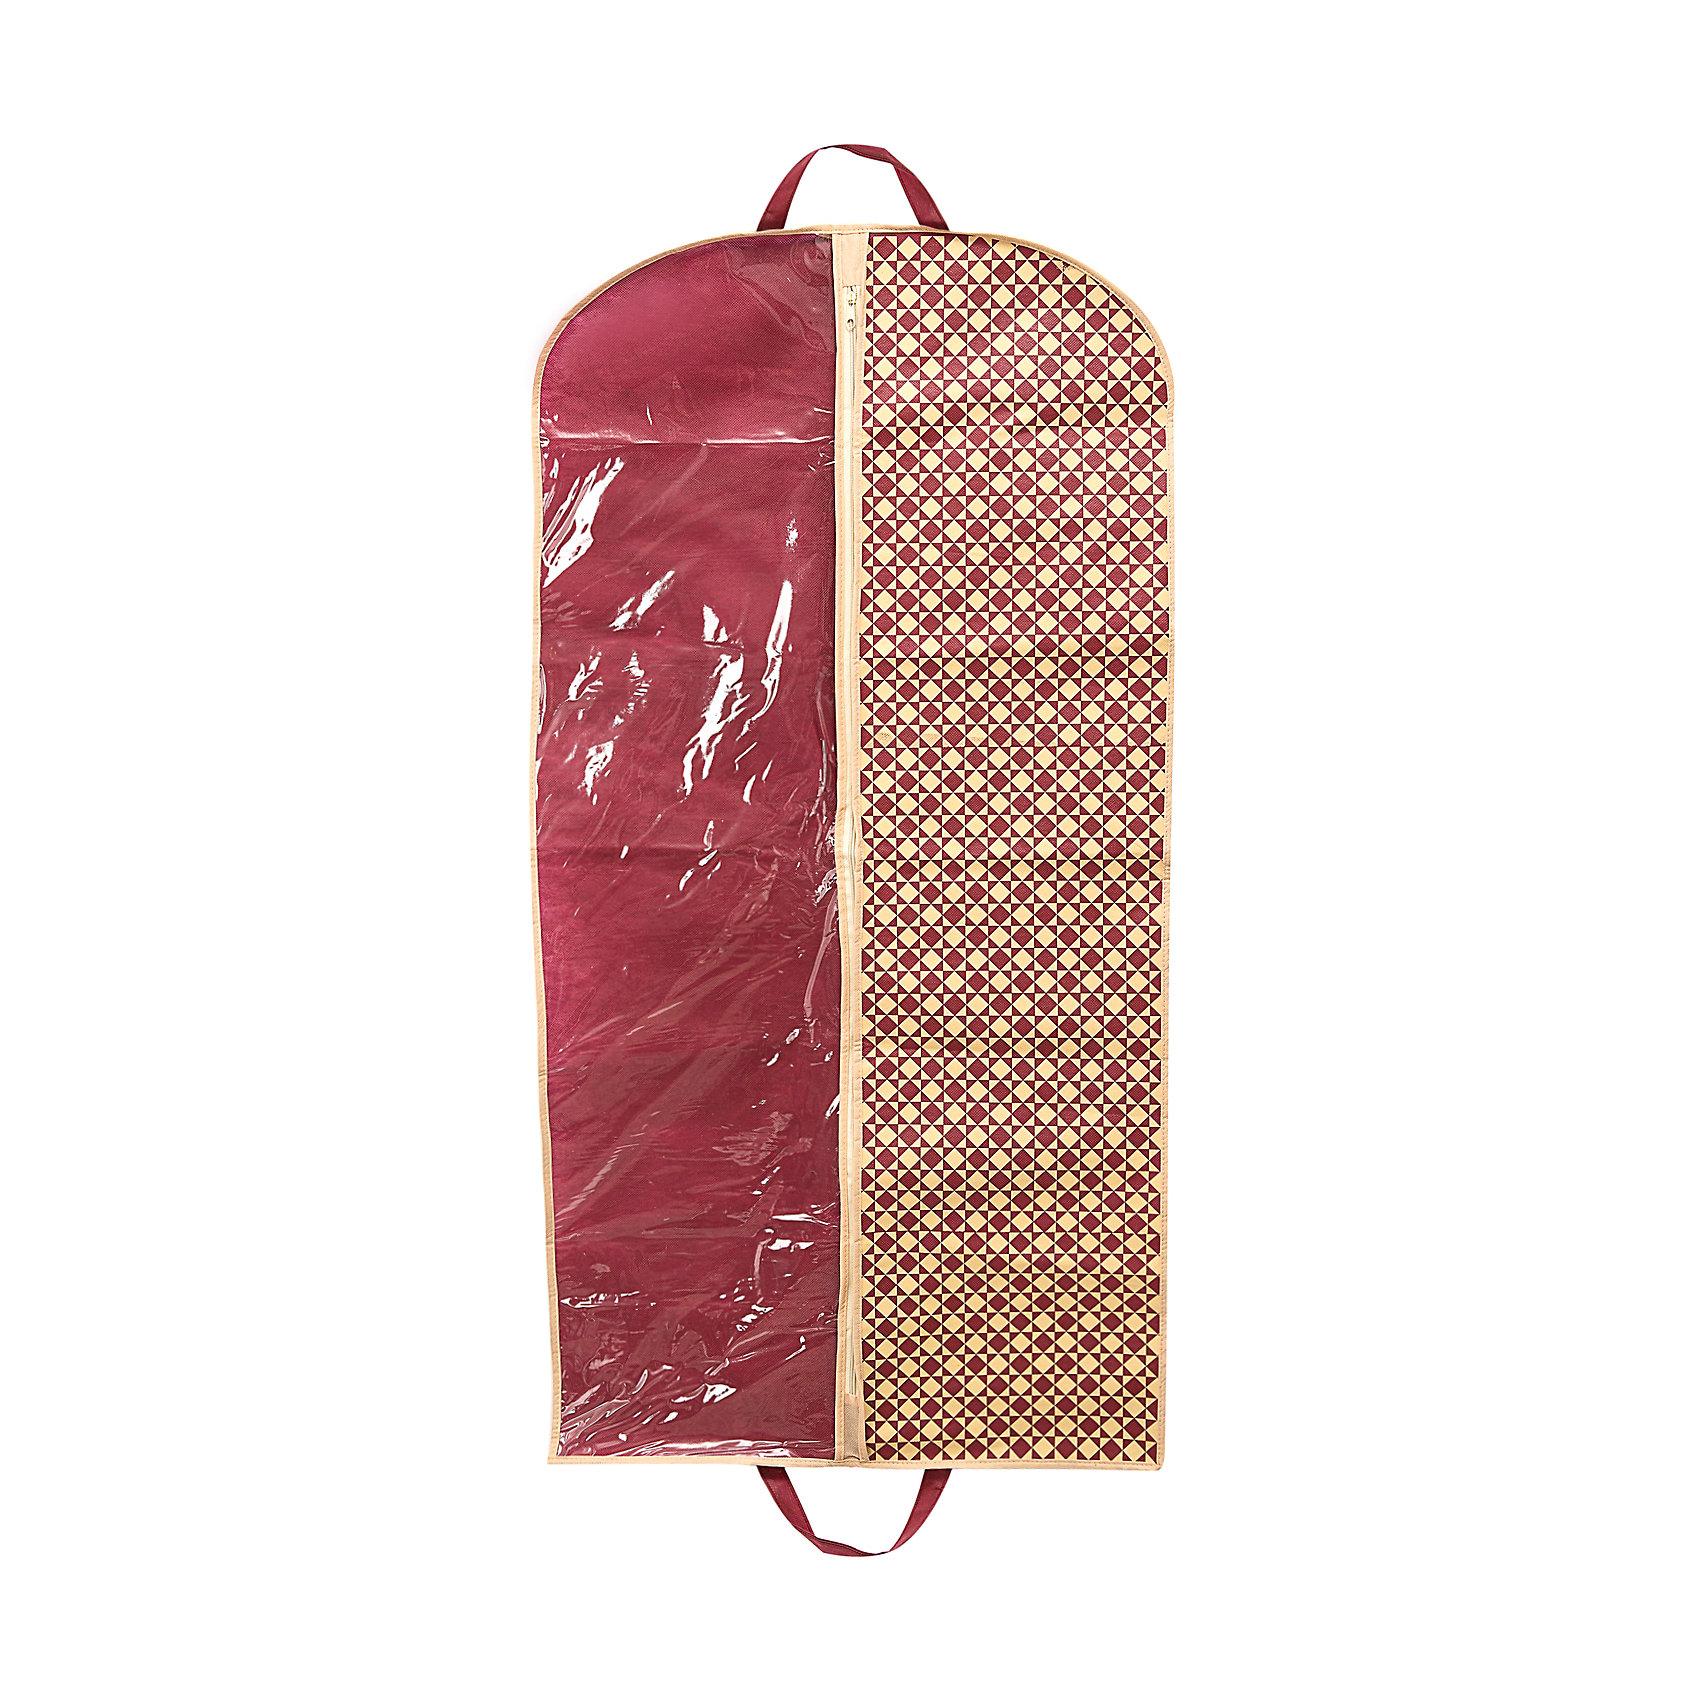 Чехол для одежды 120*60 Bordo, HomsuОрганайзеры для одежды<br>Характеристики товара:<br><br>• цвет: бордовый<br>• материал: спанбонд<br>• размер: 120х60 см<br>• вес: 100 г<br>• подвесной<br>• застежка: молния<br>• половина прозрачная<br>• страна бренда: Россия<br>• страна изготовитель: Китай<br><br>Чехол для одежды Bordo от бренда Homsu (Хомсу) - очень удобная вещь для хранения вещей и транспортировки одежды.<br><br>Он легкий, легко помещается в шкафу или на двери, прозрачная часть позволяет видеть его содержимое.<br><br>Чехол для одежды 120*60 Bordo, Homsu можно купить в нашем интернет-магазине.<br><br>Ширина мм: 260<br>Глубина мм: 200<br>Высота мм: 20<br>Вес г: 100<br>Возраст от месяцев: 216<br>Возраст до месяцев: 1188<br>Пол: Унисекс<br>Возраст: Детский<br>SKU: 5620180